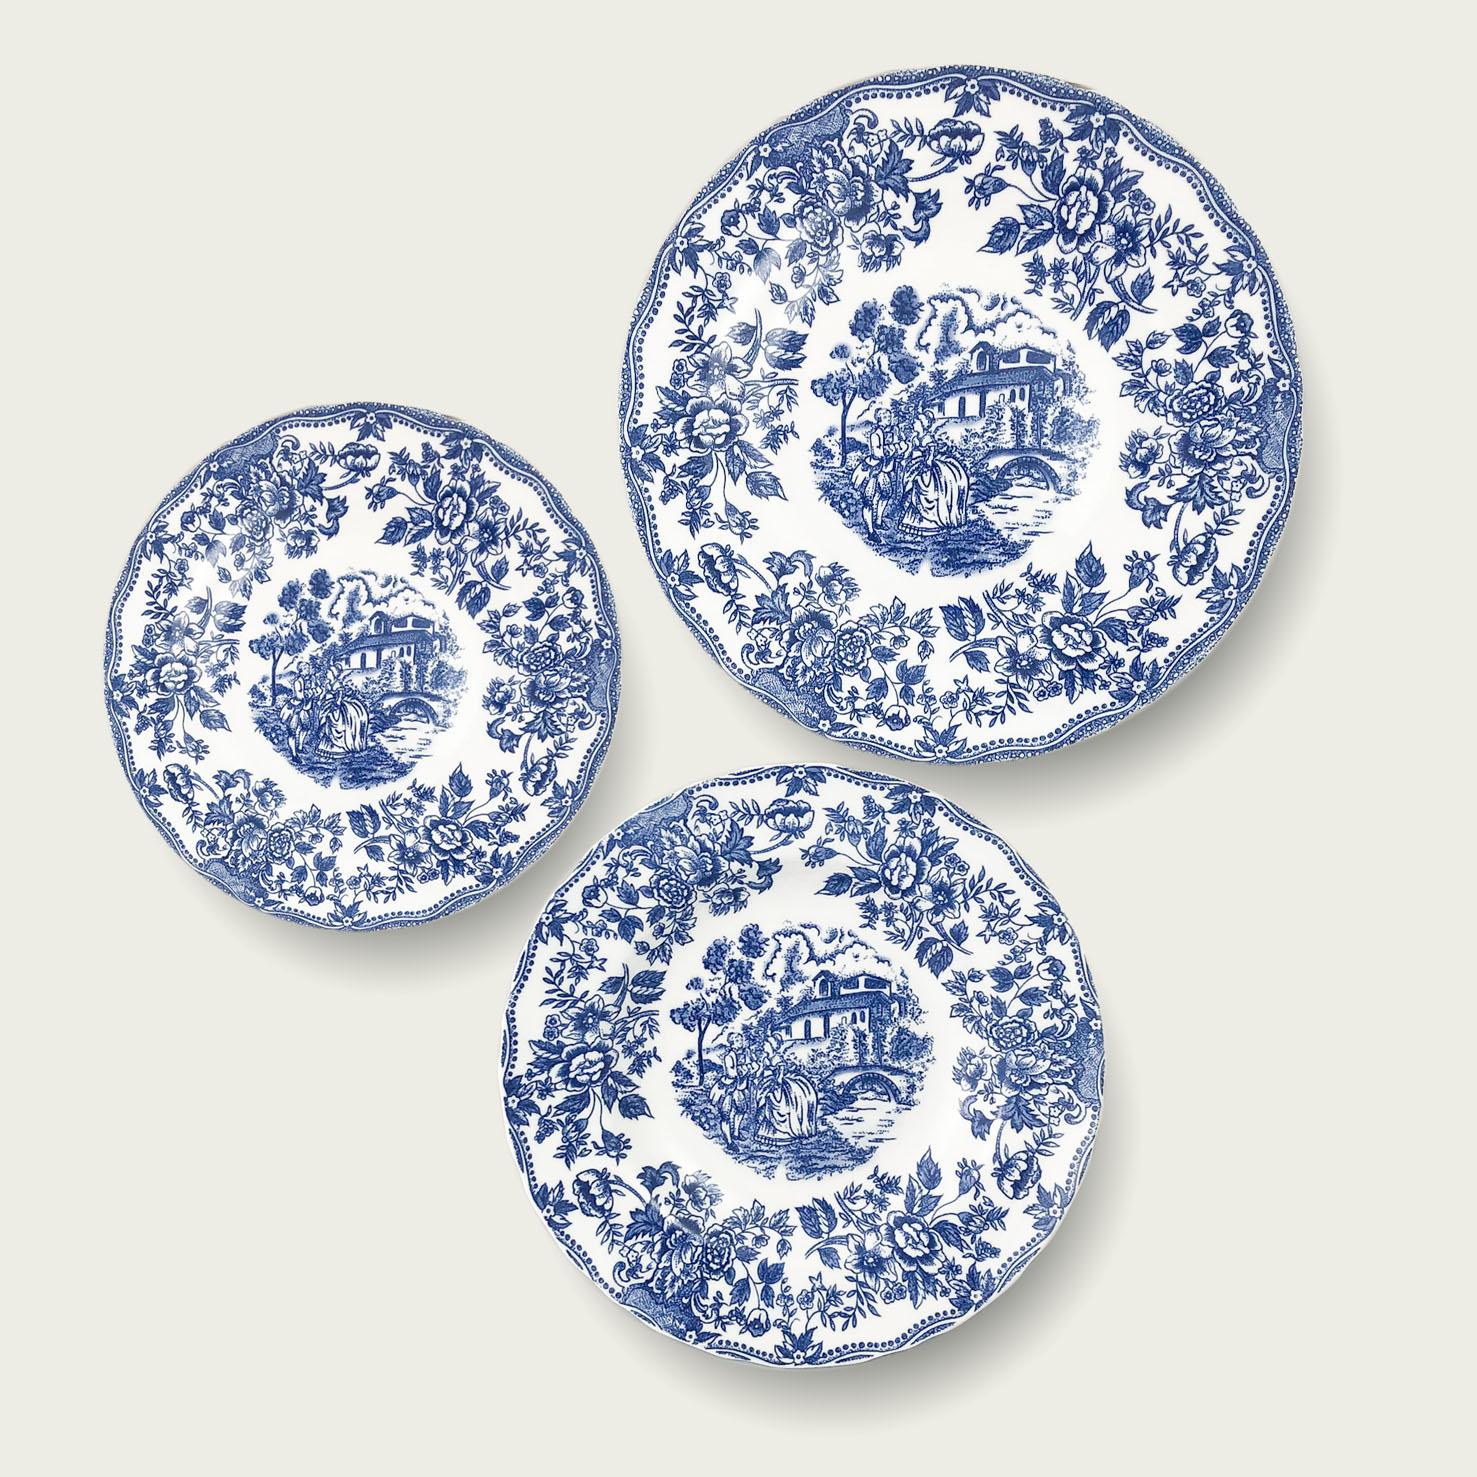 Piatto in porcellana - forma tradizionale - linea inglese blu